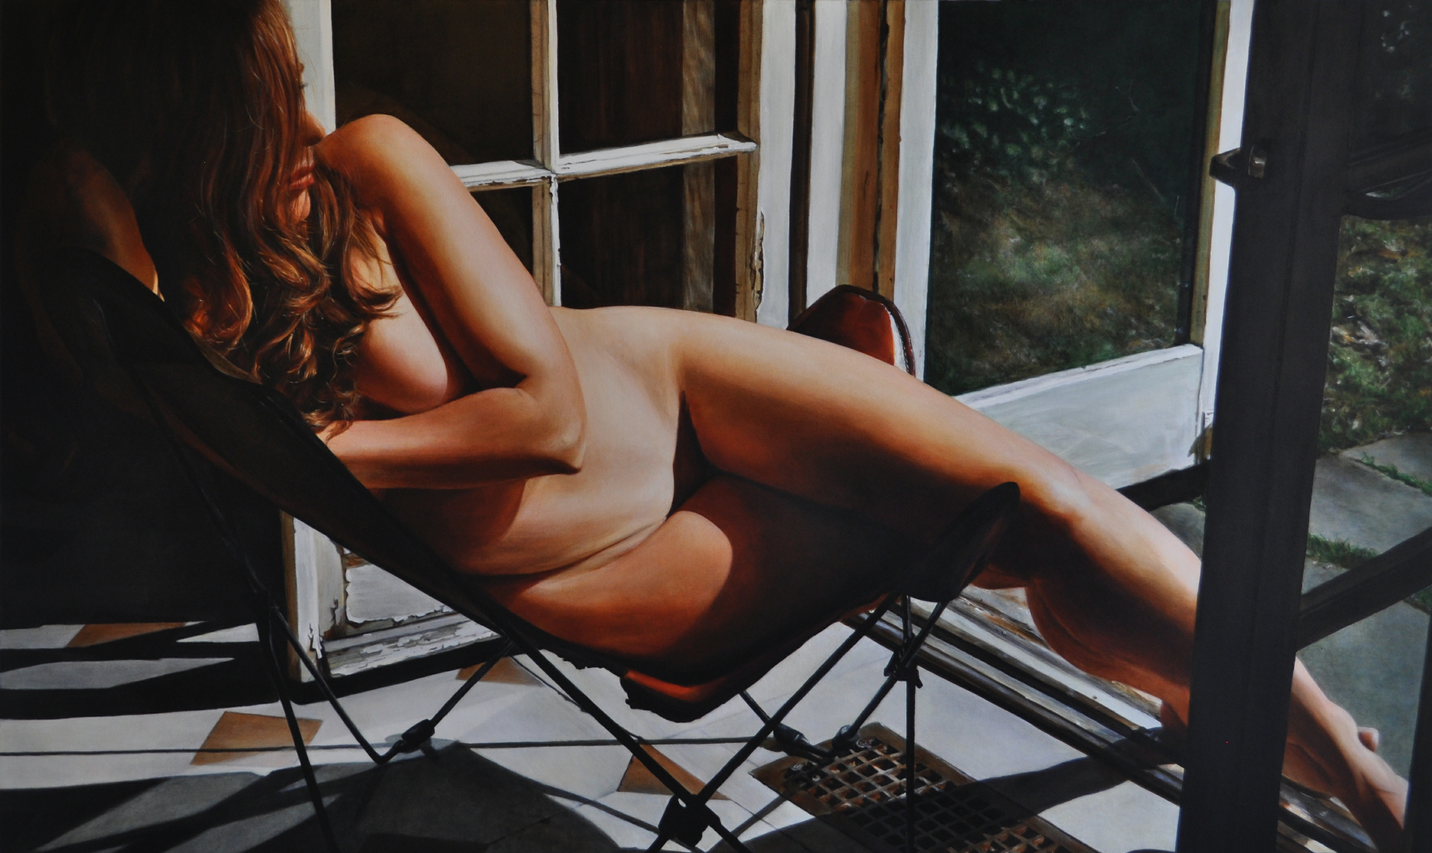 Isabel Garcia Lorca Nude por amor al arte: victoria selbach